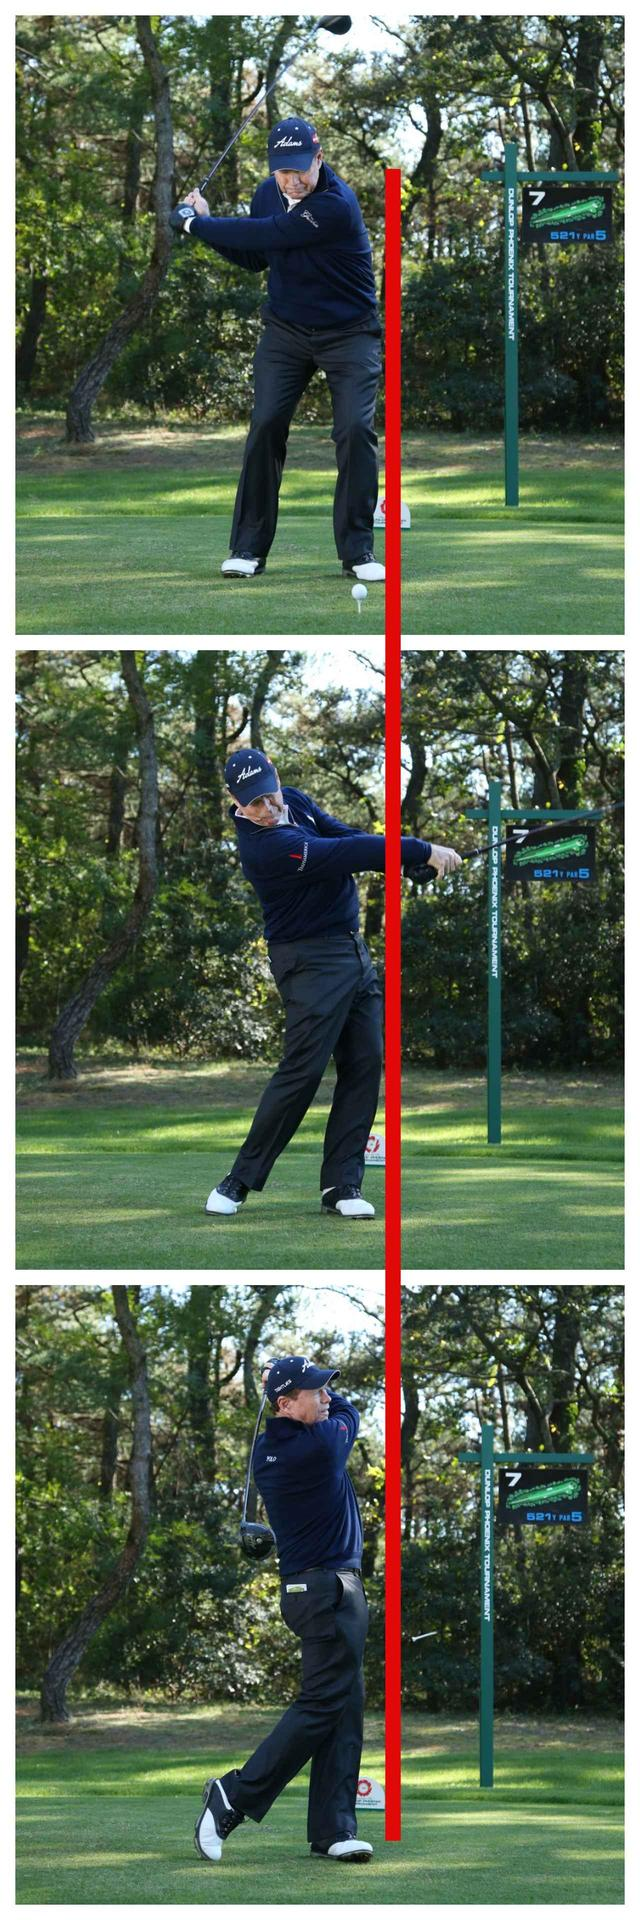 画像2: タテ並べでわかること 左足を踏み込んで、左ひざが伸びてターン。切れ上がる腰の回転